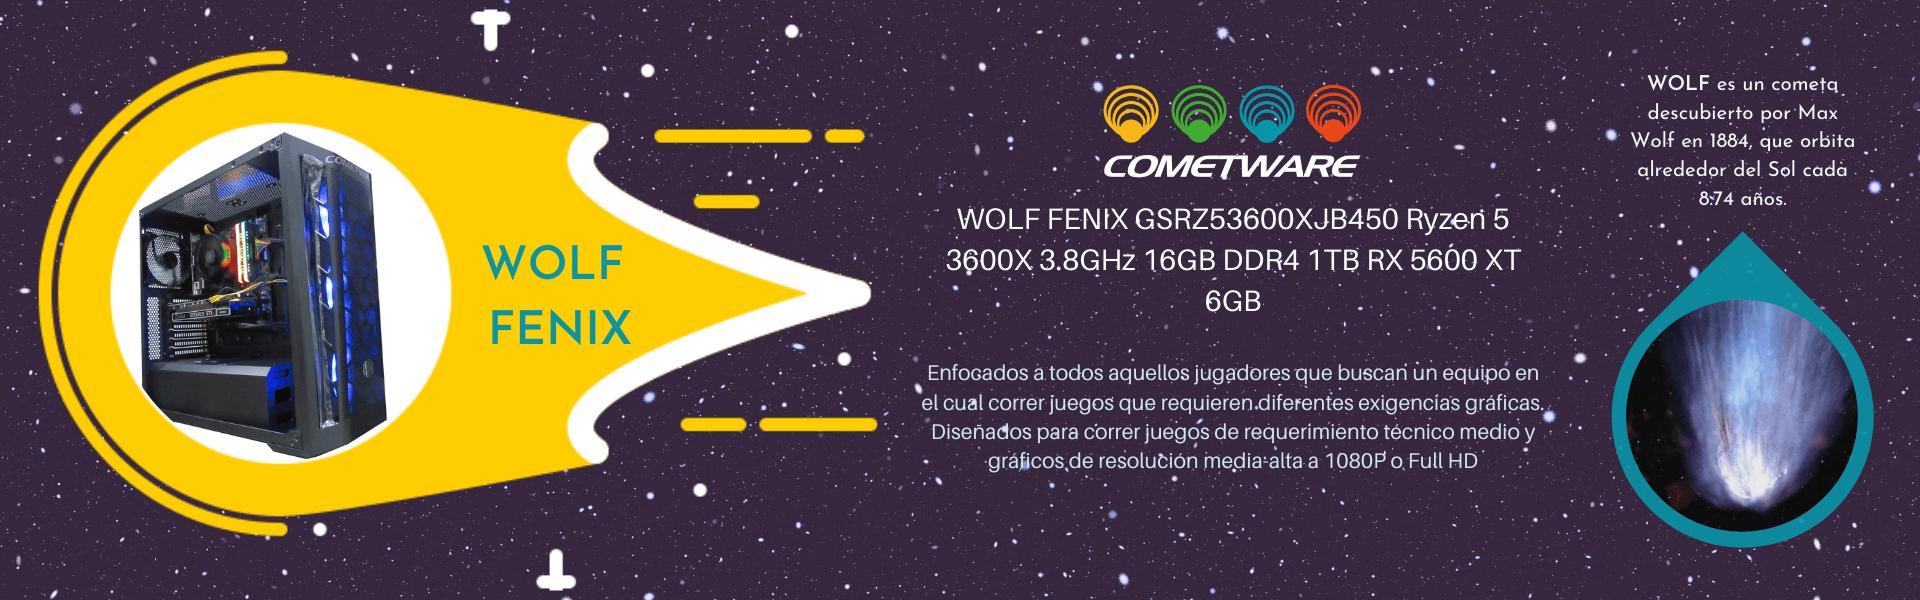 Cometware Wolf Fenix